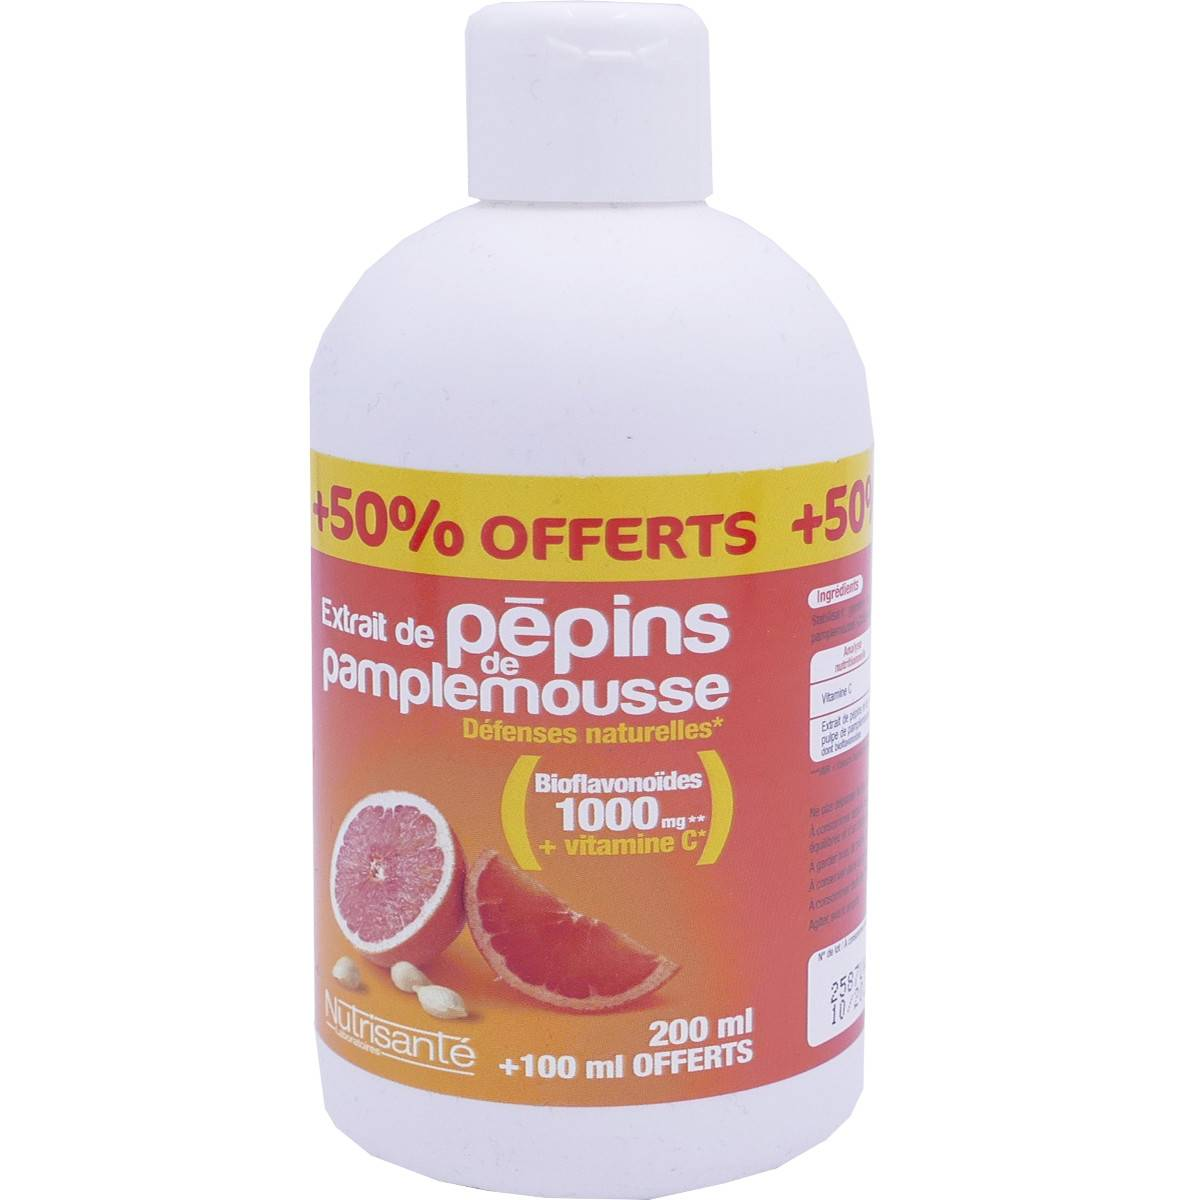 Nutrisante pepins de pamplemousse 200 ml+100 ml offert